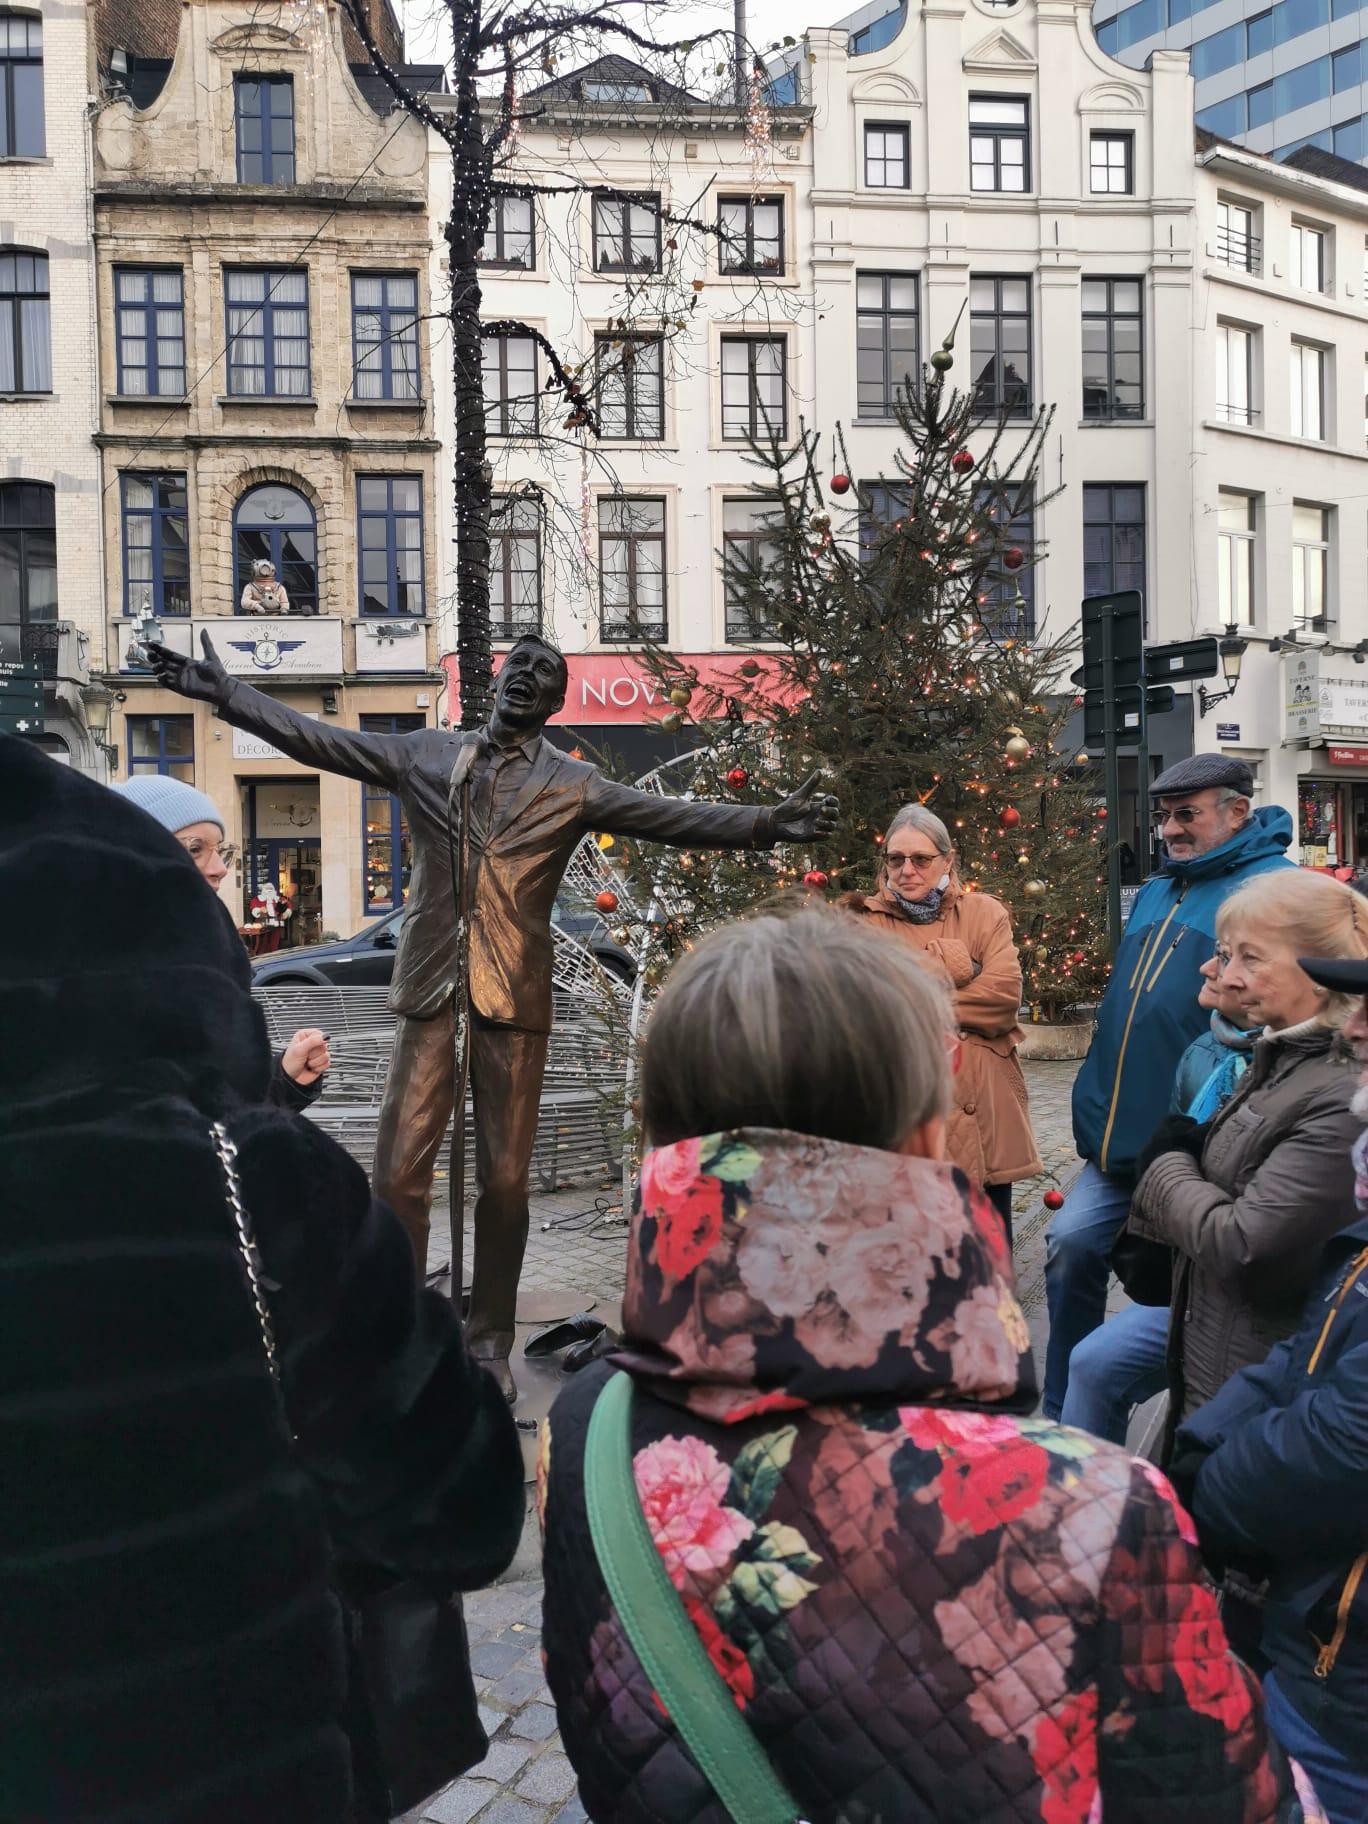 Statue de Jacques Brel visible lors de la visite Brusseleirs d'Hier et d'Aujourd'hui de Brussels By Foot